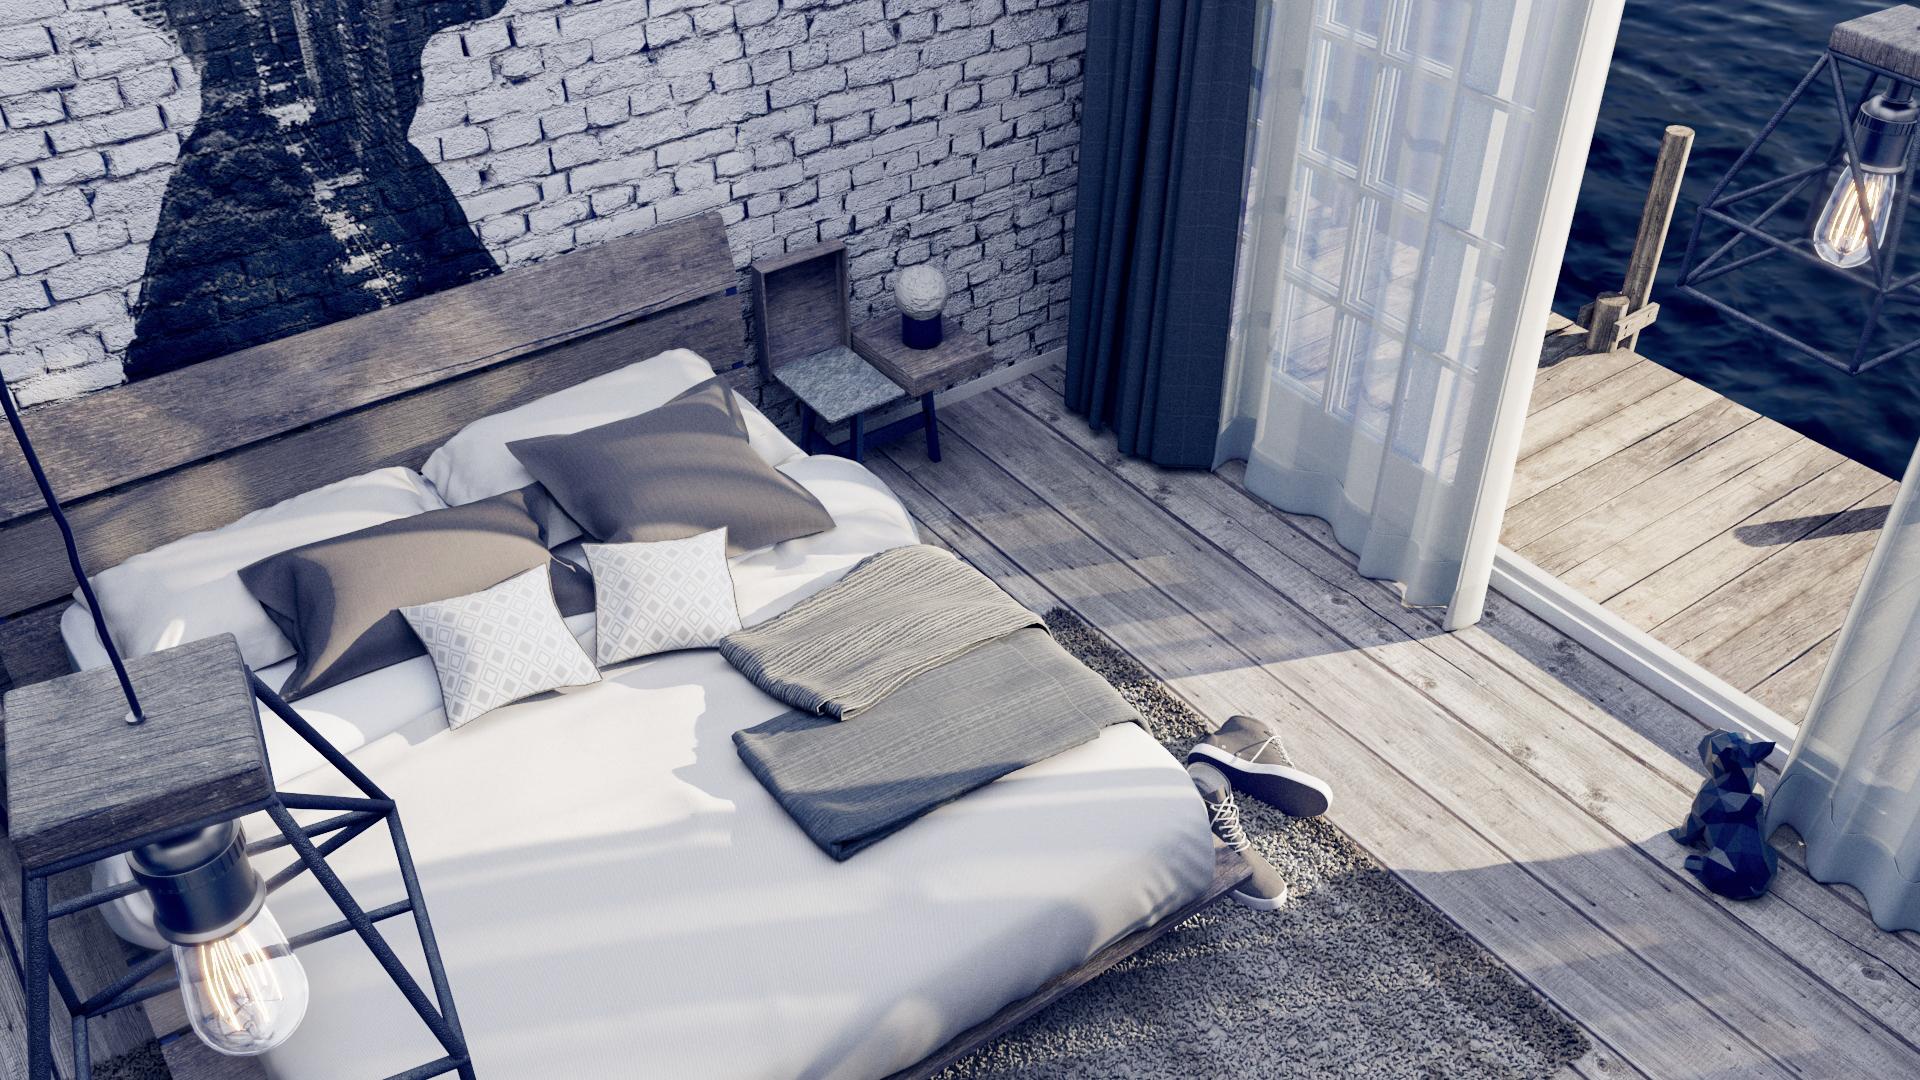 Industrial Bedroom View 4 Day Final JPG 1920.jpg